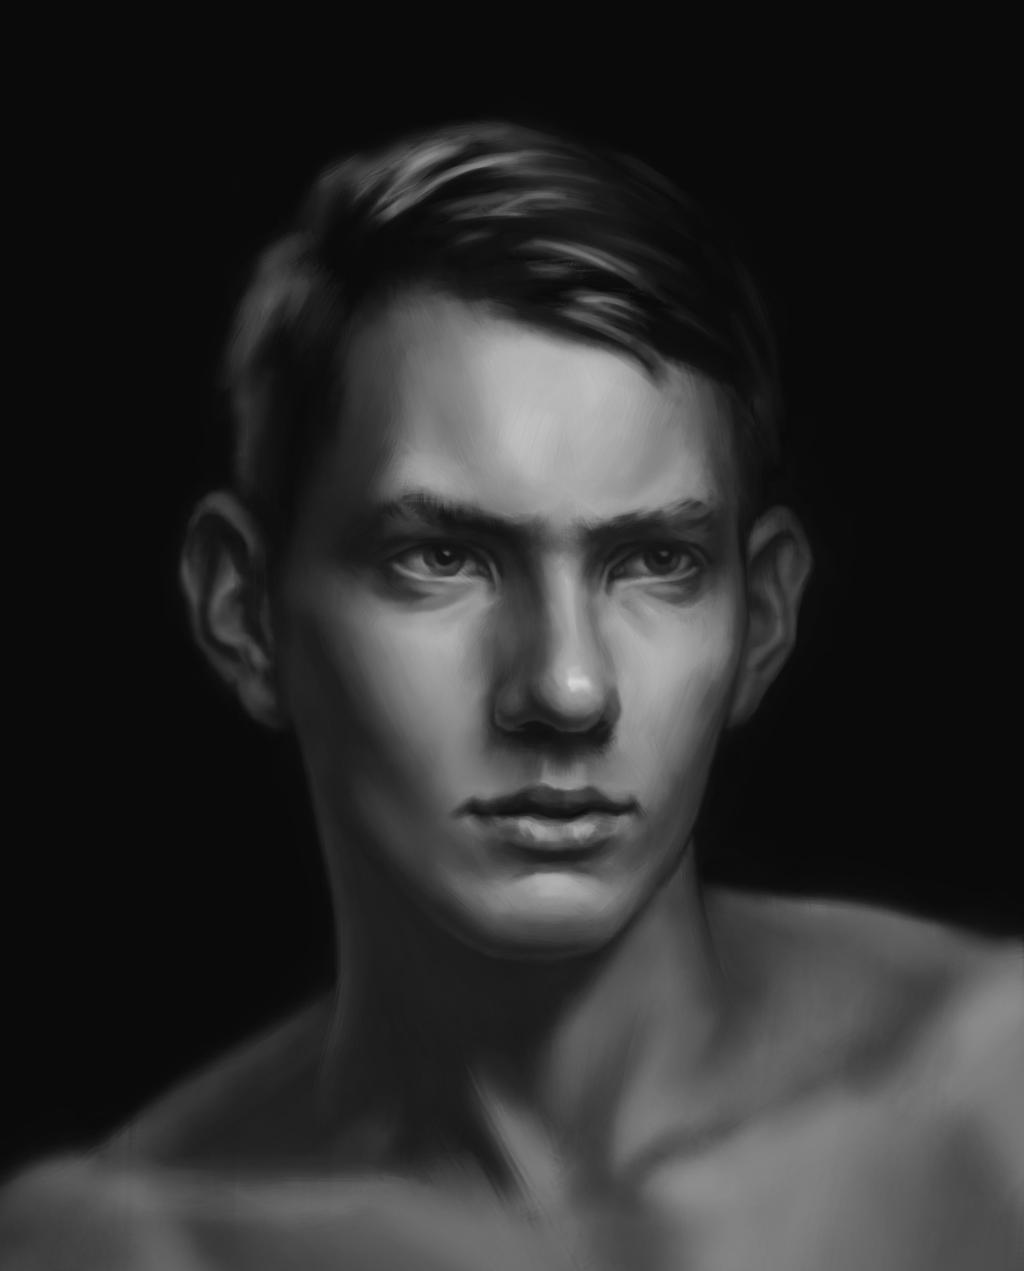 A guy. by LeoV95